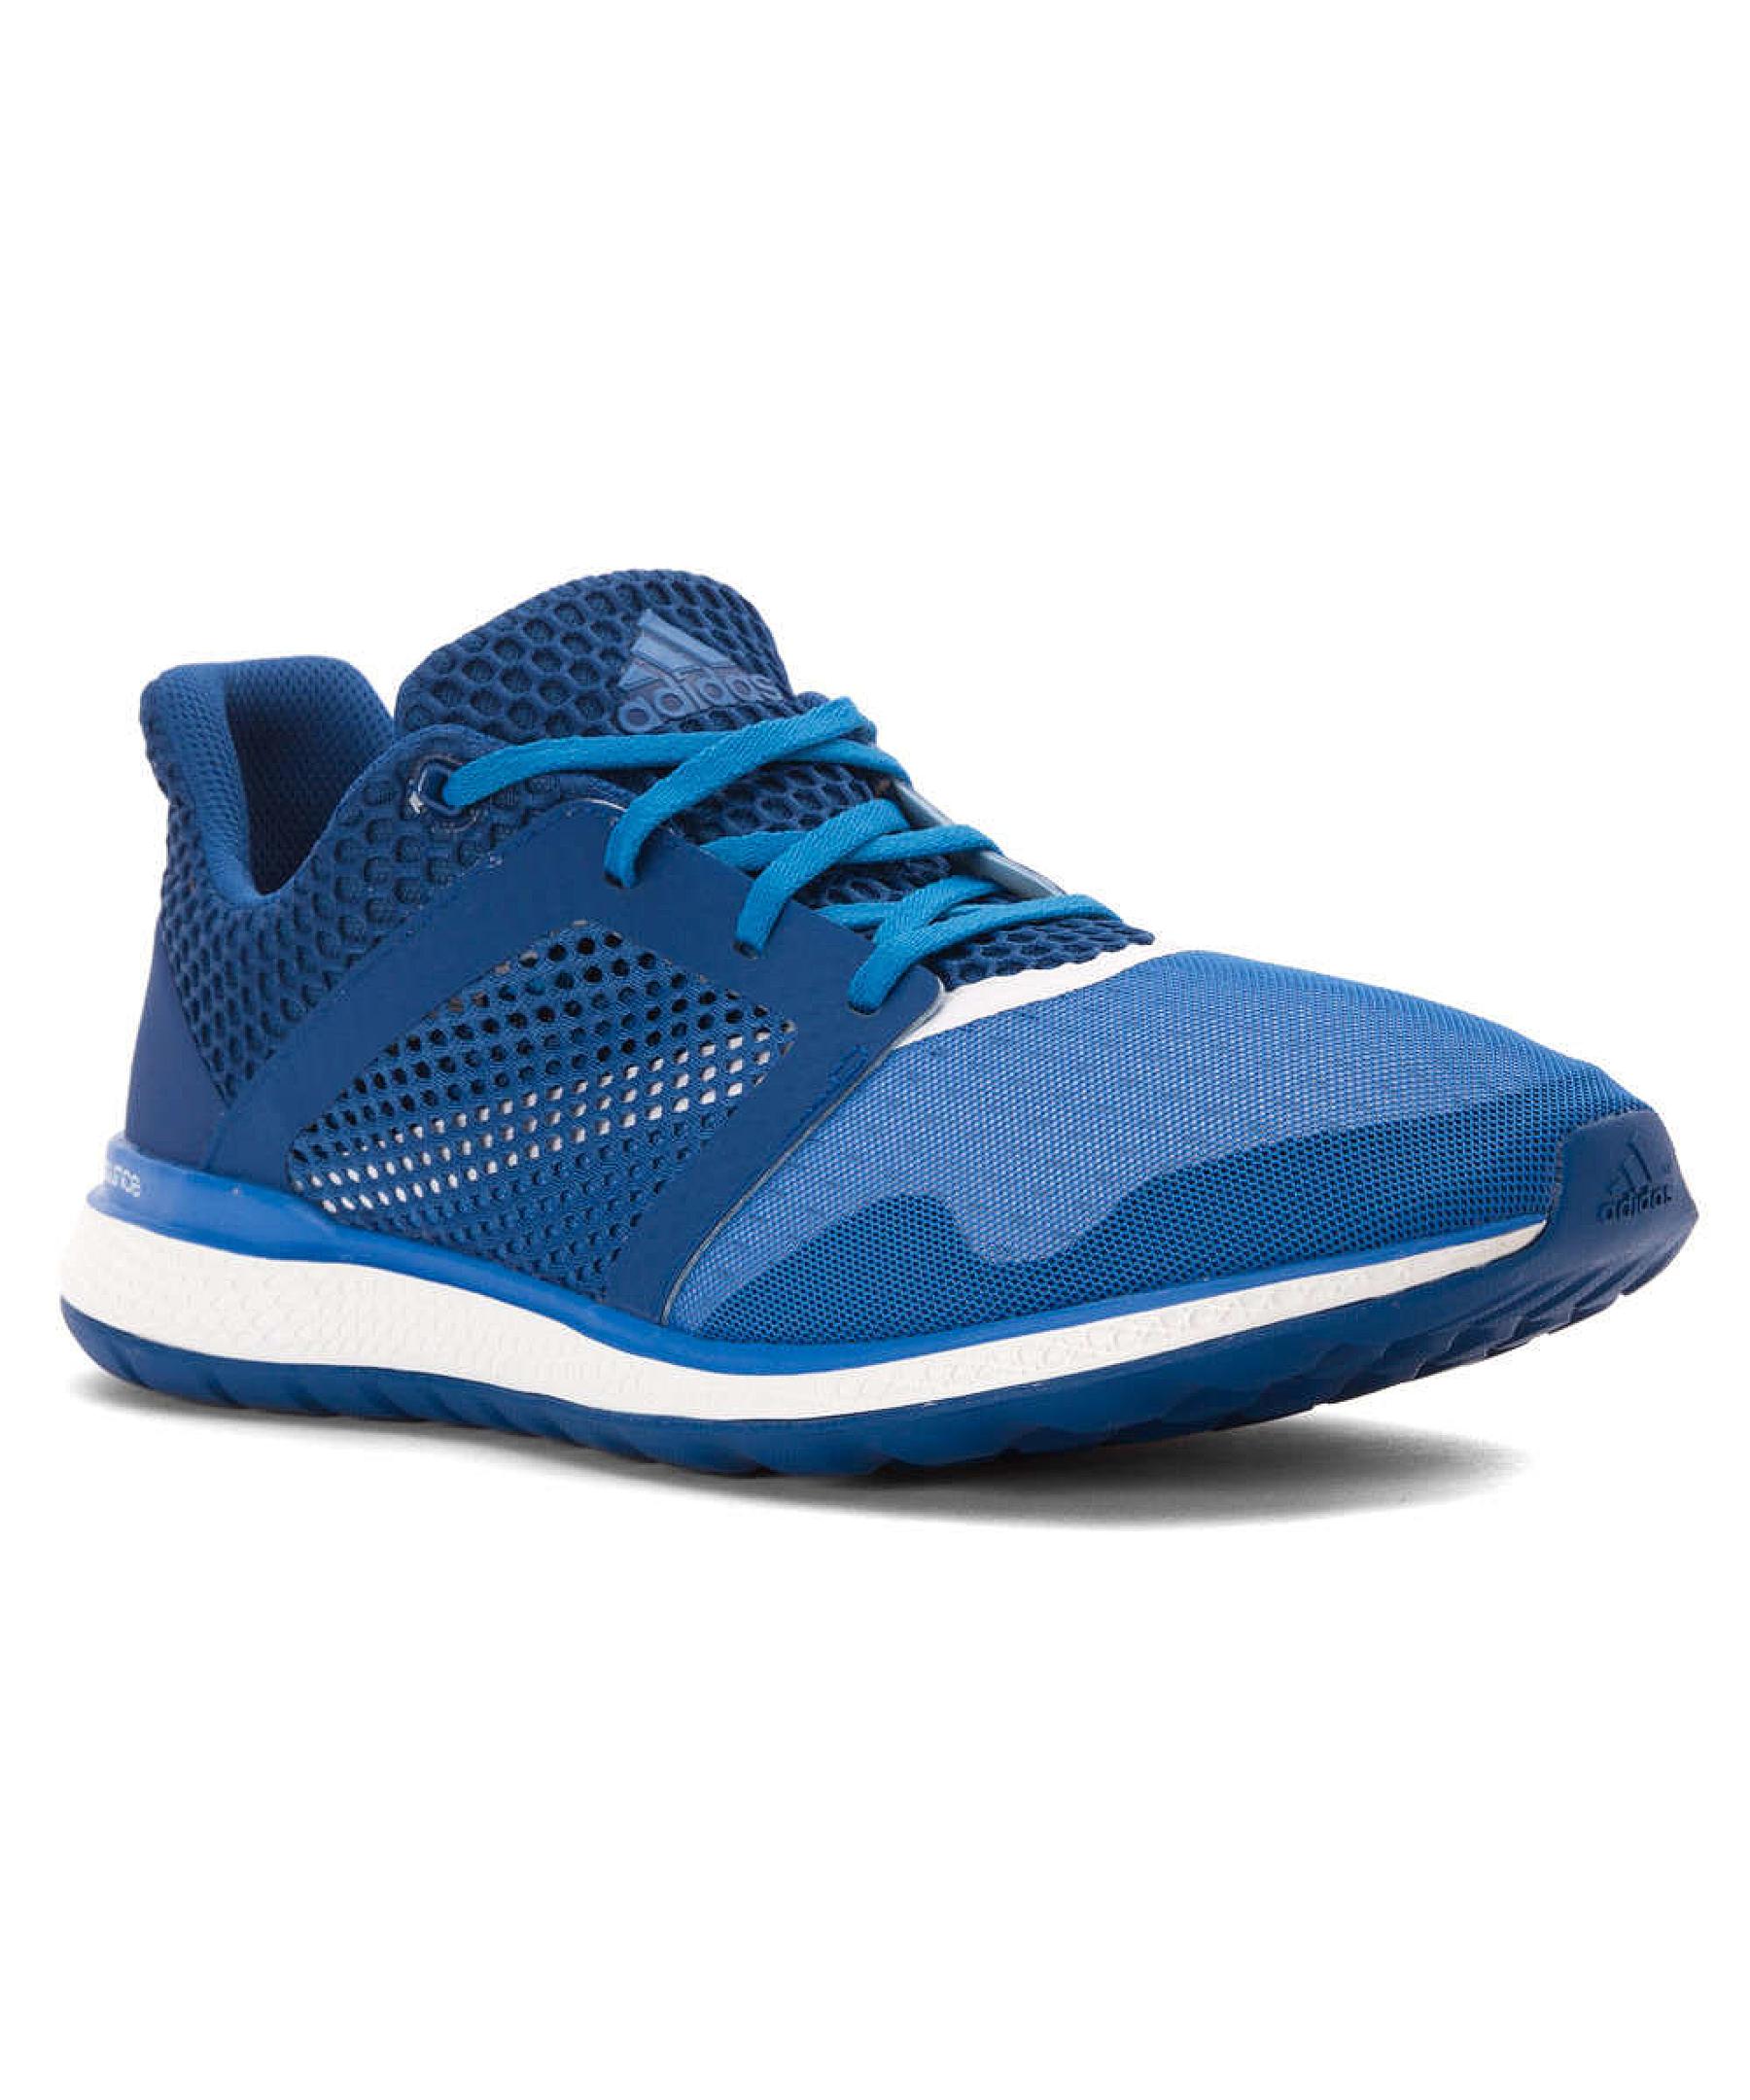 amazonka najlepsza wyprzedaż ponadczasowy design adidas bounce mens blue